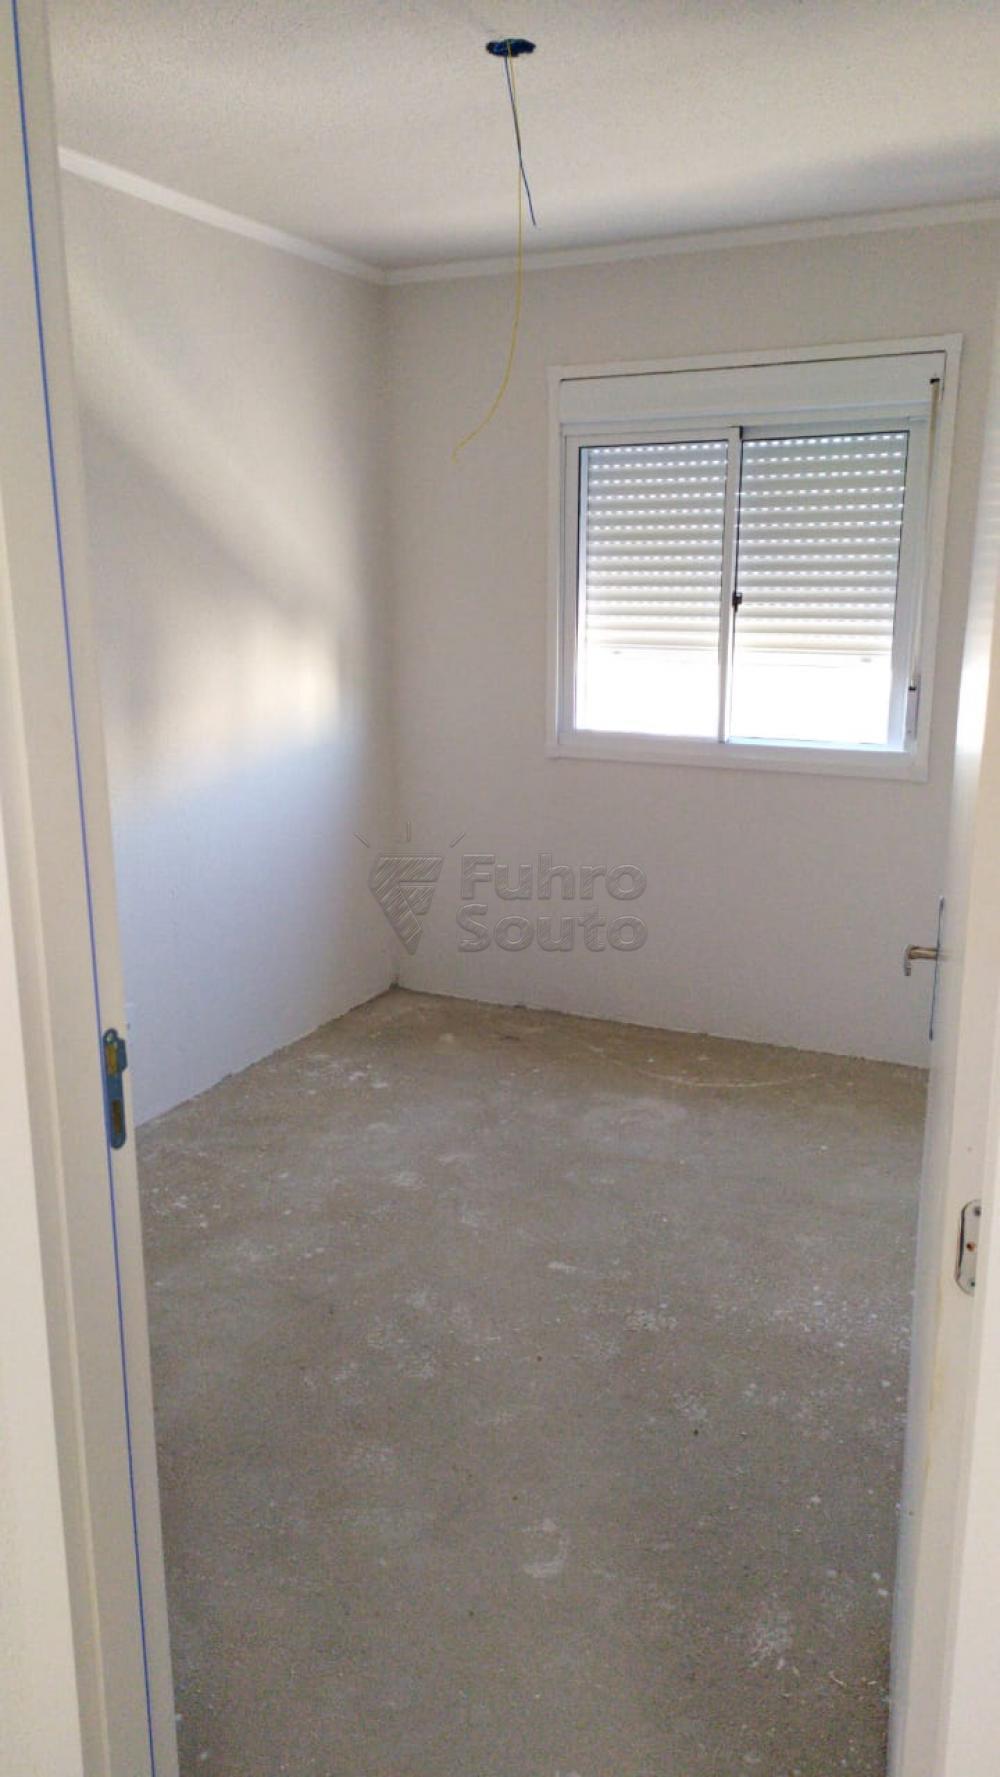 Comprar Apartamento / Padrão em Pelotas R$ 120.000,00 - Foto 5